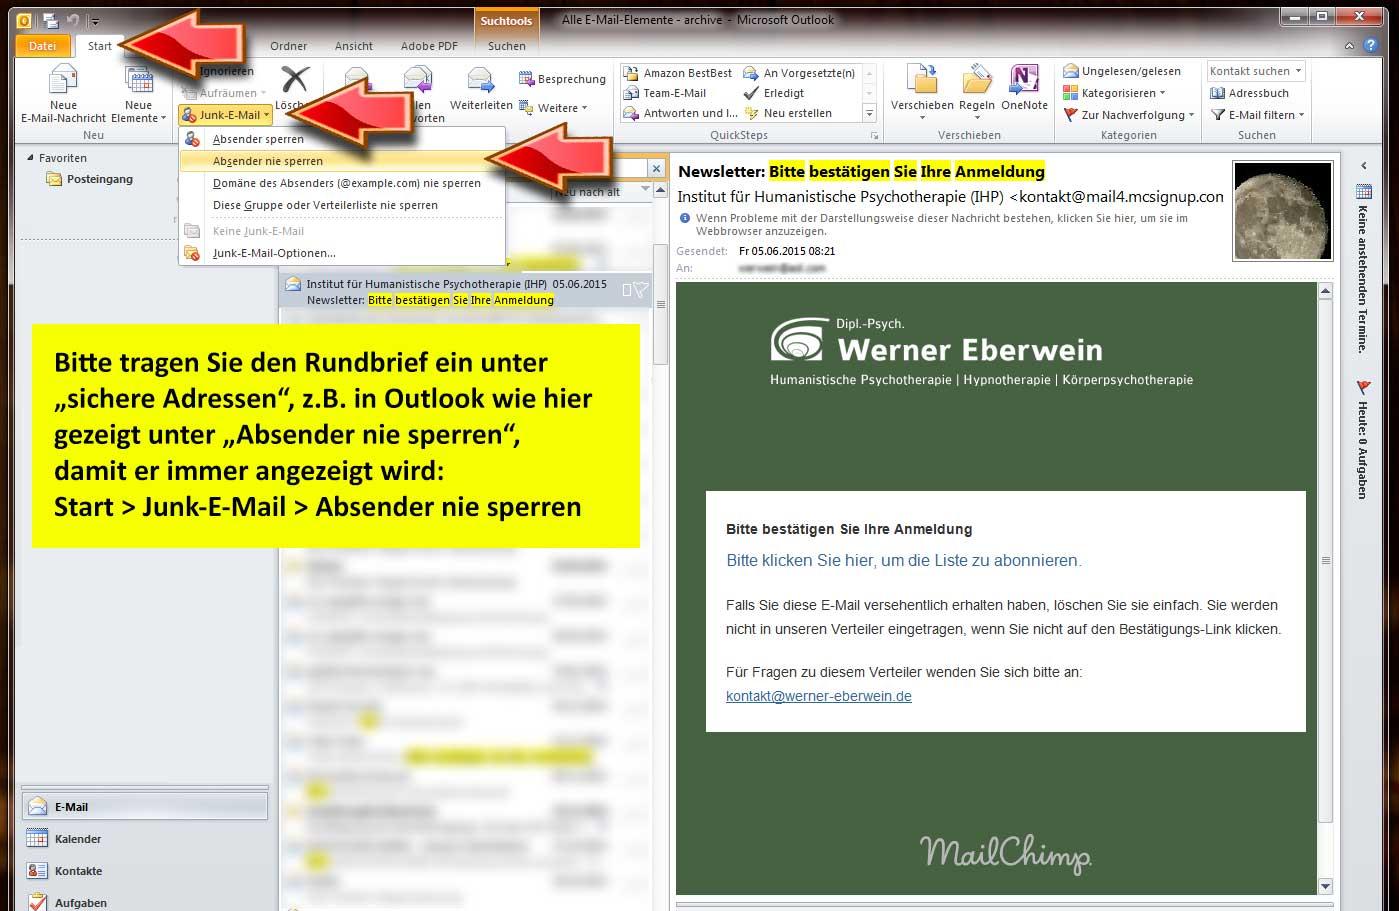 Werner Eberwein | Vielen Dank für die Anmeldung zum Rundbrief